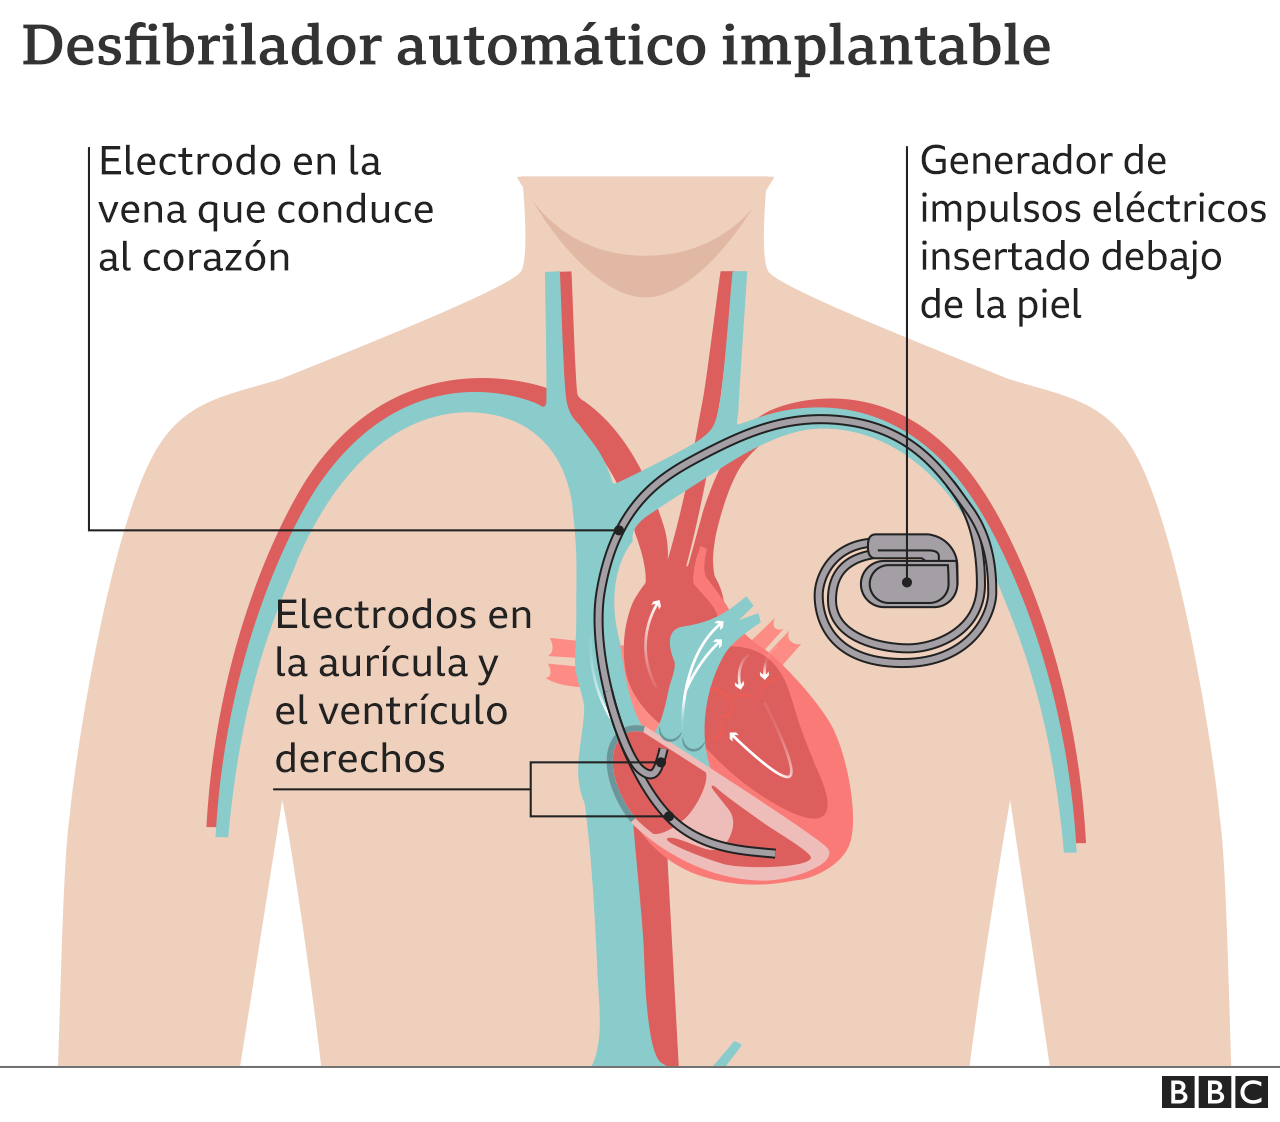 Gráfico del desfibrilador automático implantable, también llamado desfibrilador cardioversor implantable.